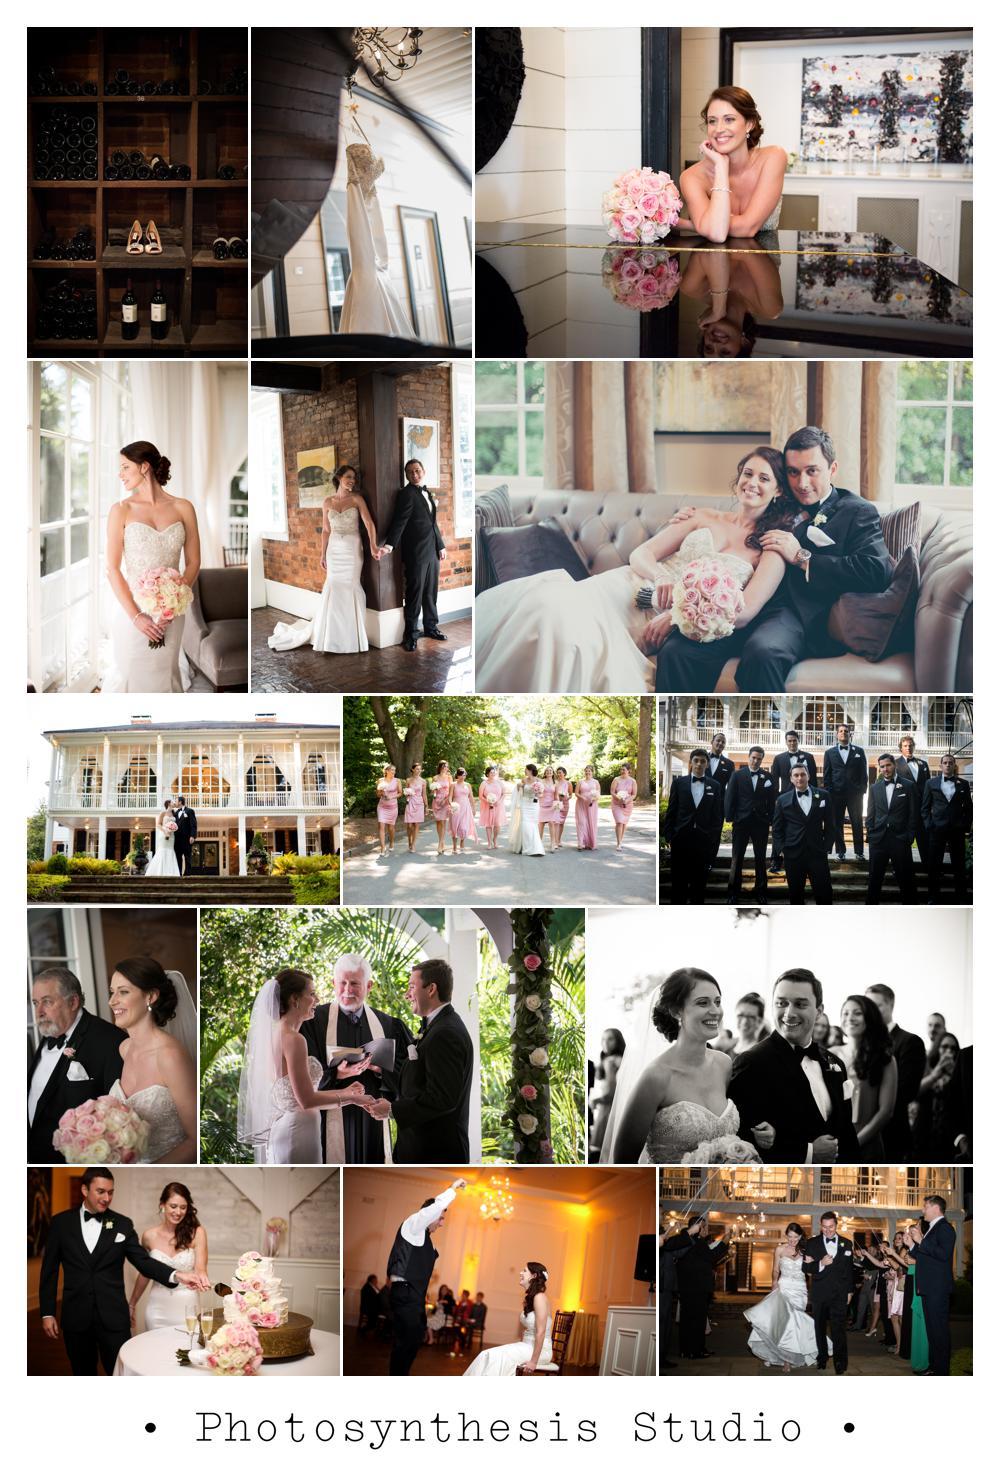 Porras-Hansen wedding